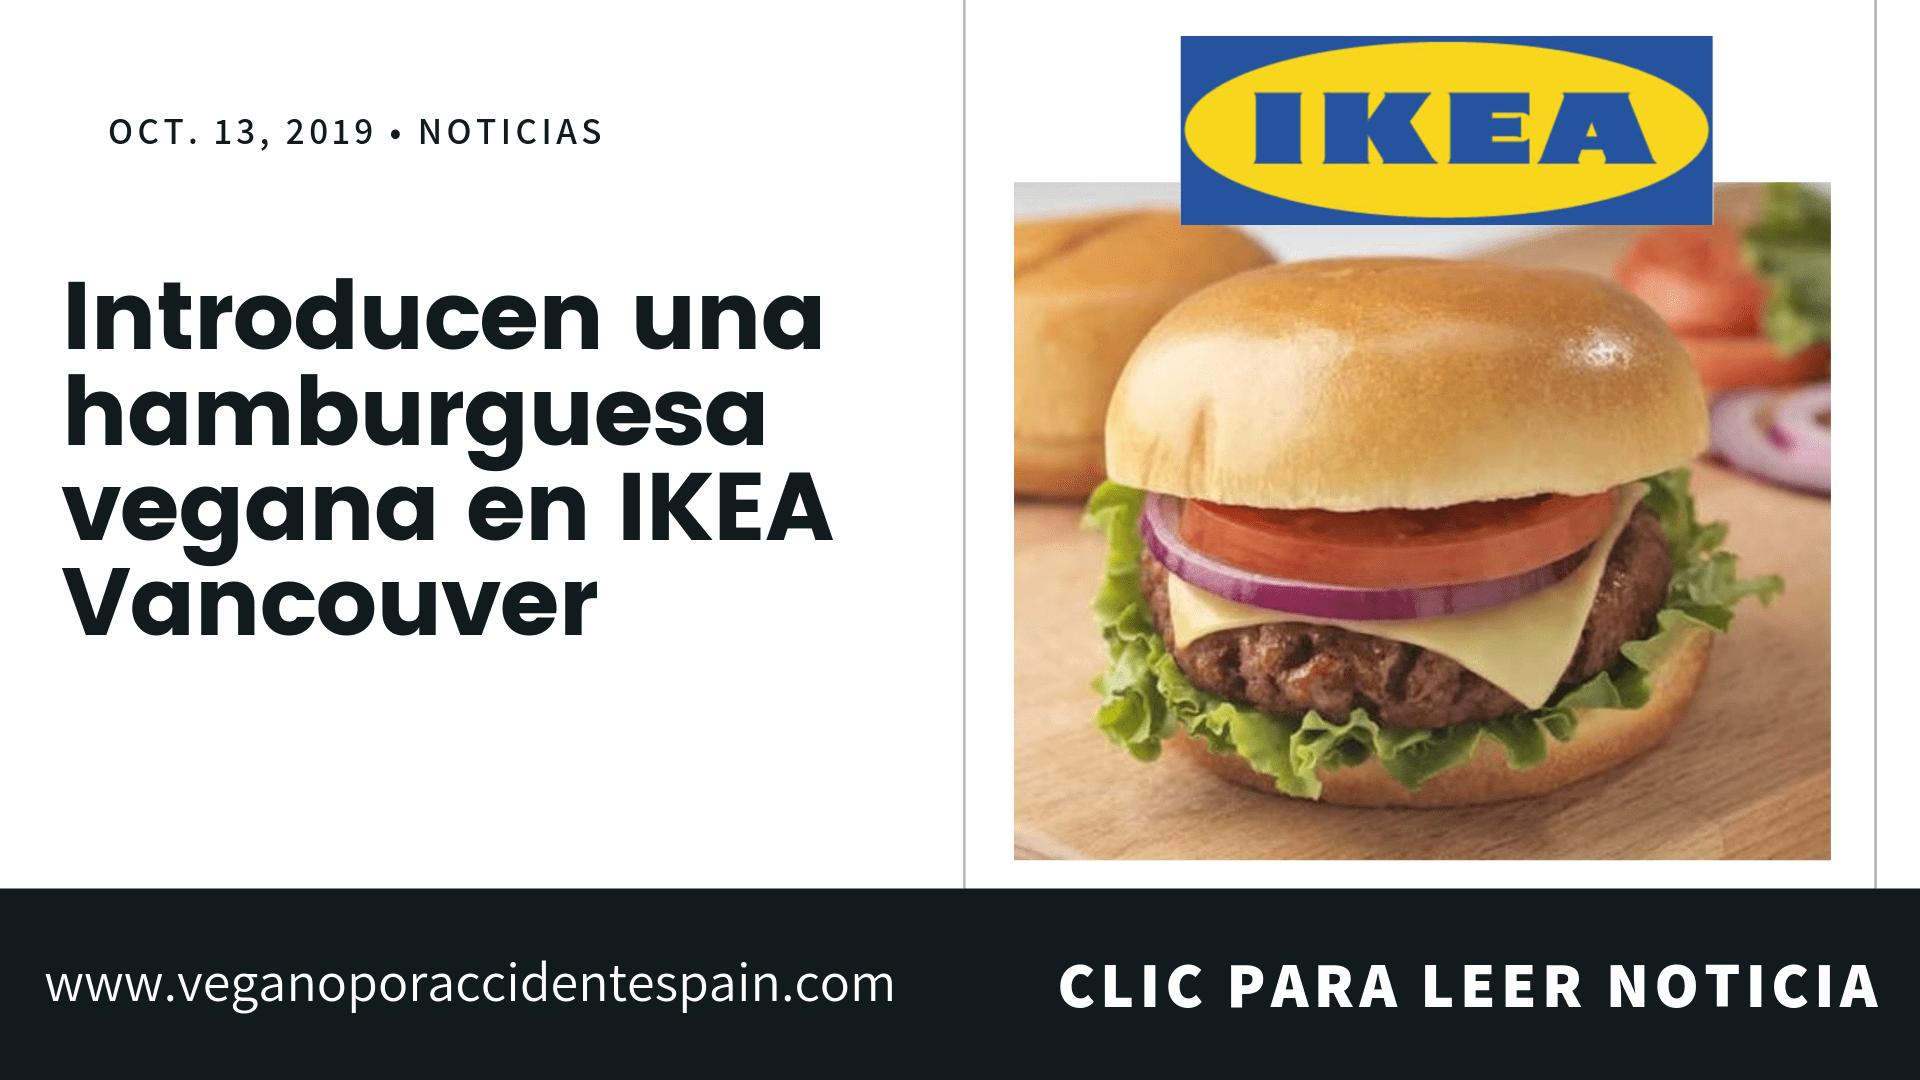 nueva cheeseburger en ikea